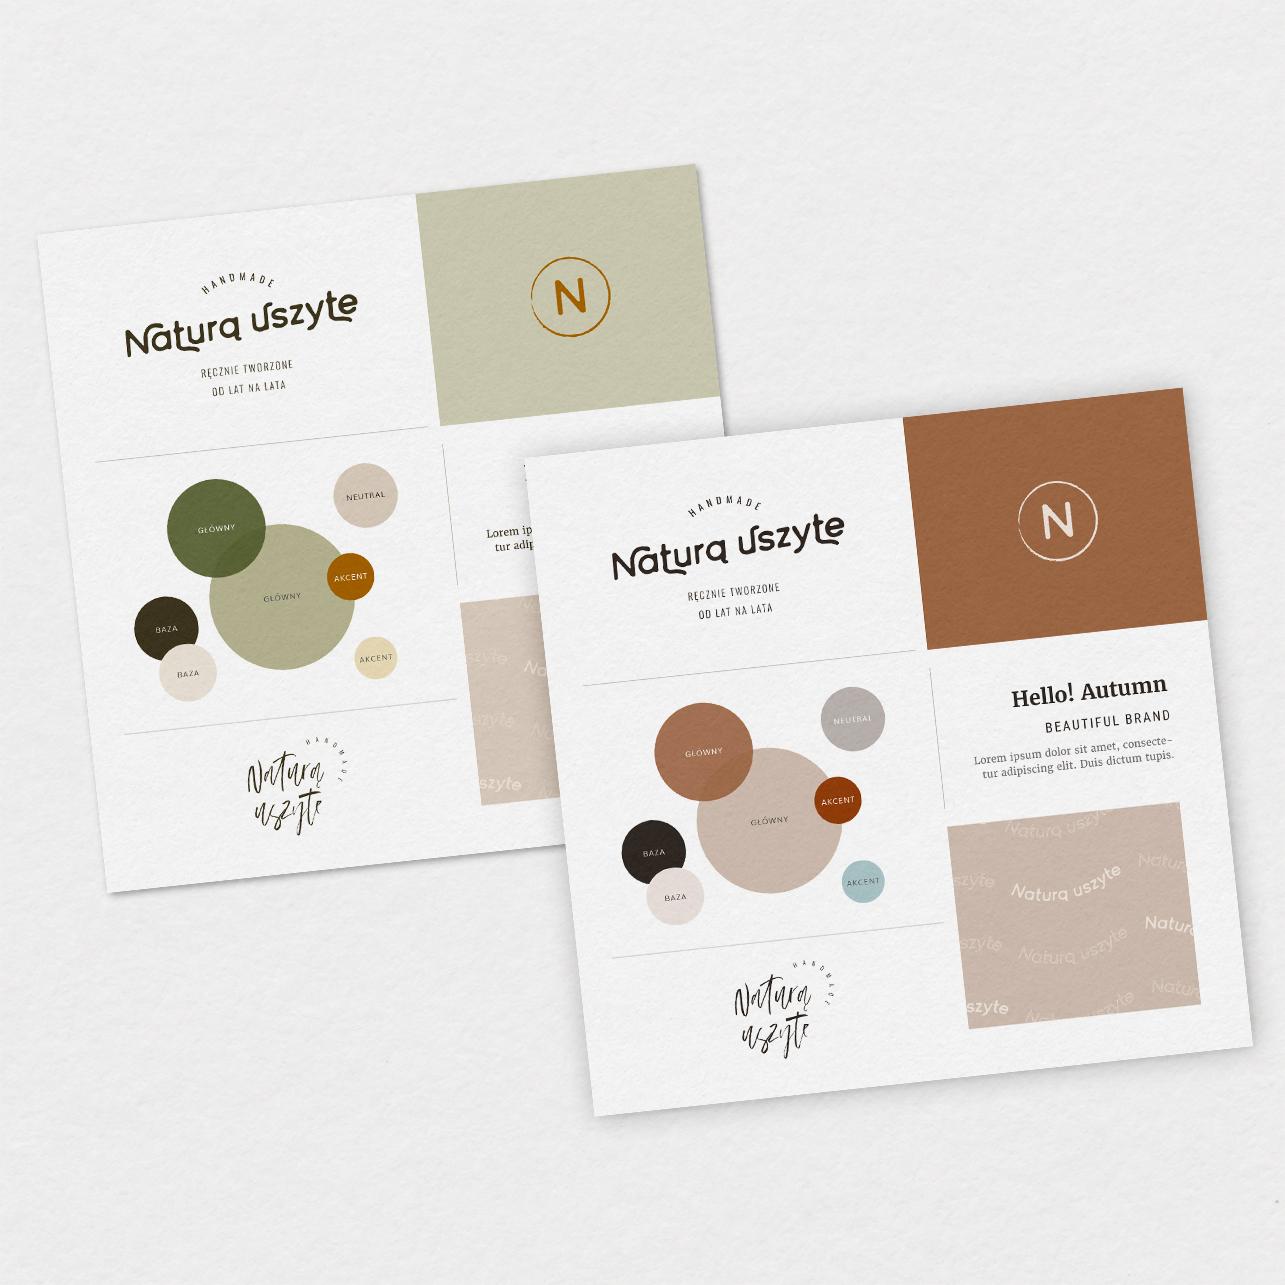 Hello! Autumn - Nastart | Gotowe logo, logo dla firmy, wzory itła, ikony, stemple, oprawa graficzna | Gotowa identyfikacja wizualna | Hello! Beautiful brand | Sklep Moyemu